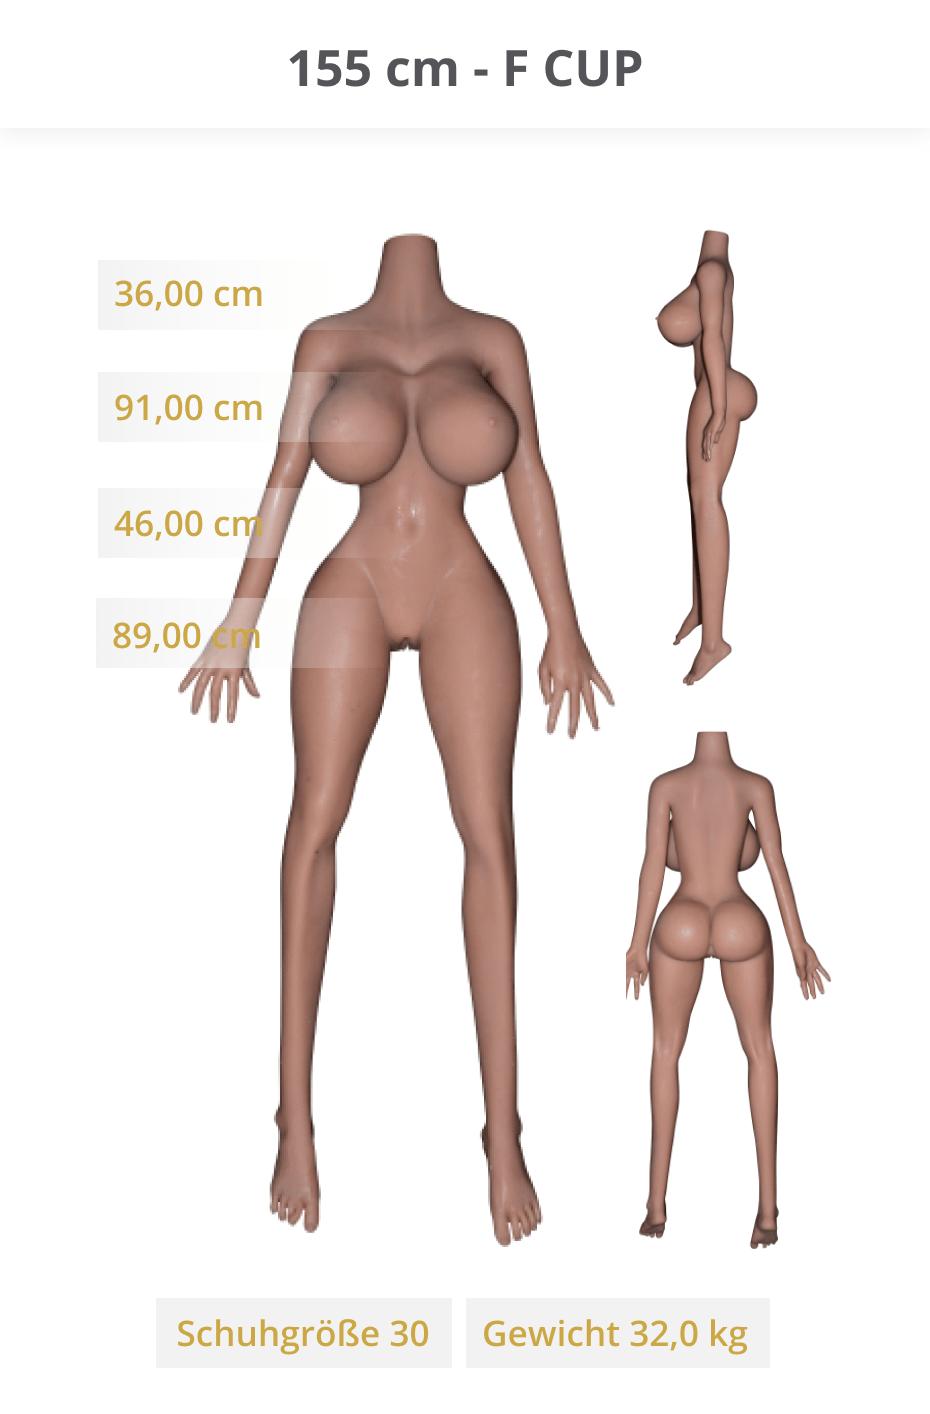 6ye-Dolls-155-cm-F-CUP